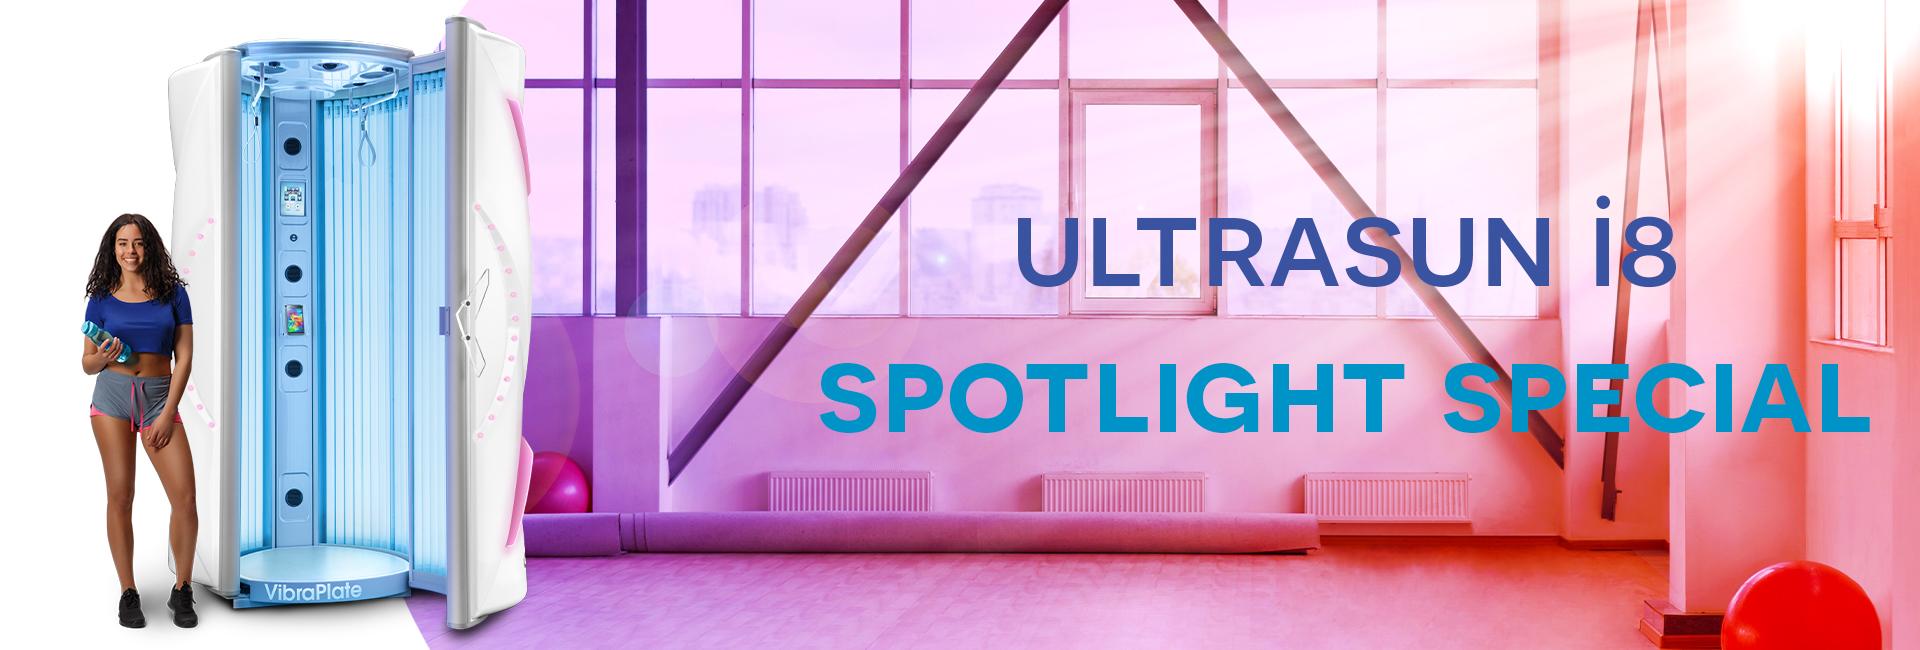 Ultrasun i8 spotlight special